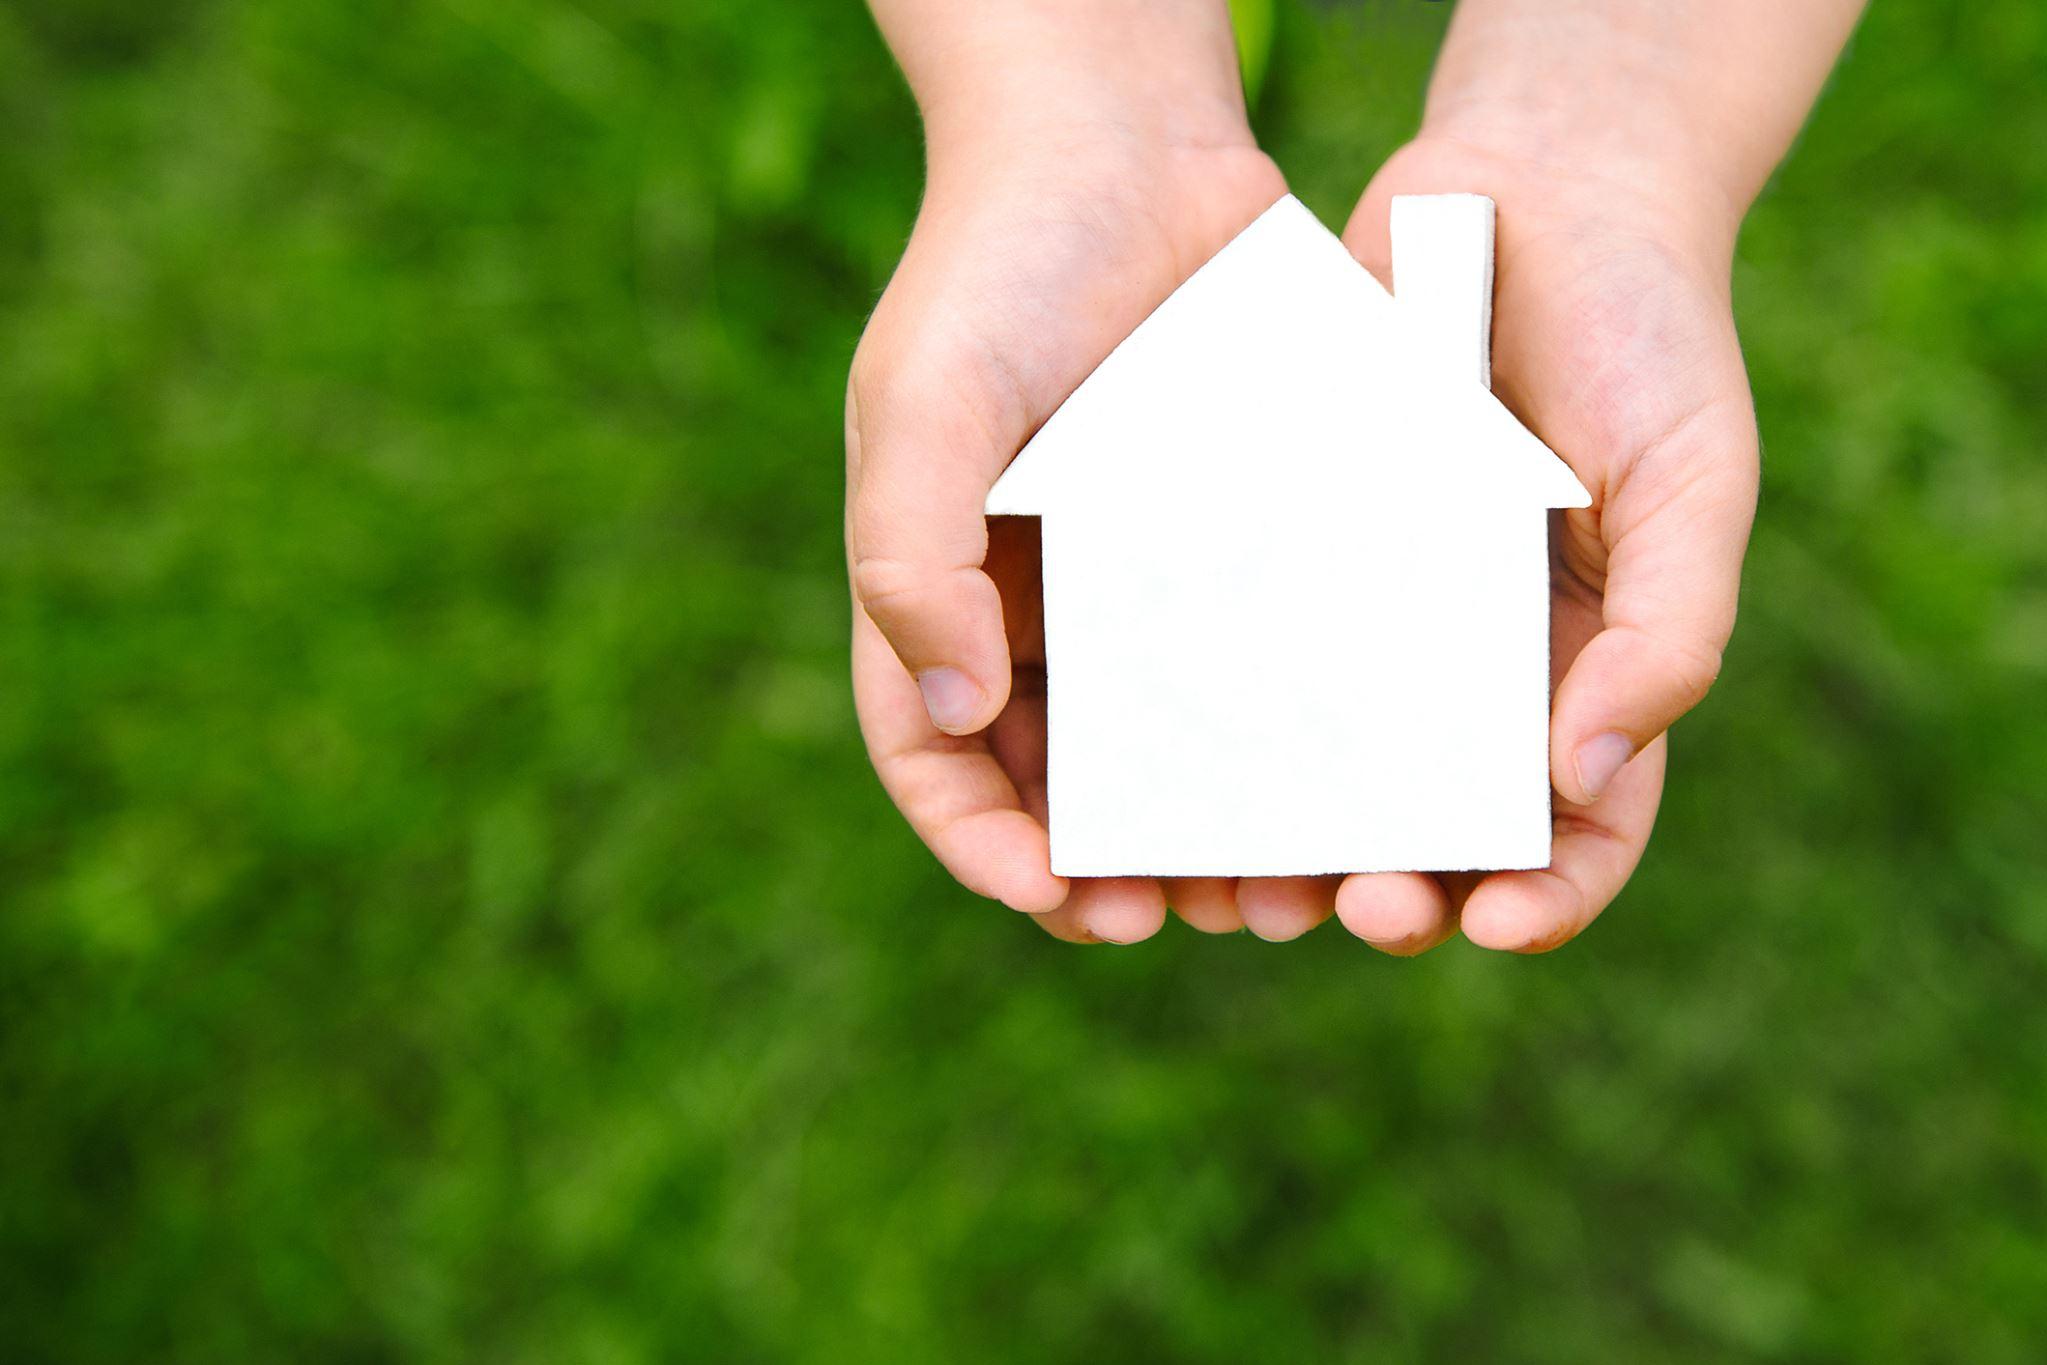 housemaster-home-in-hands